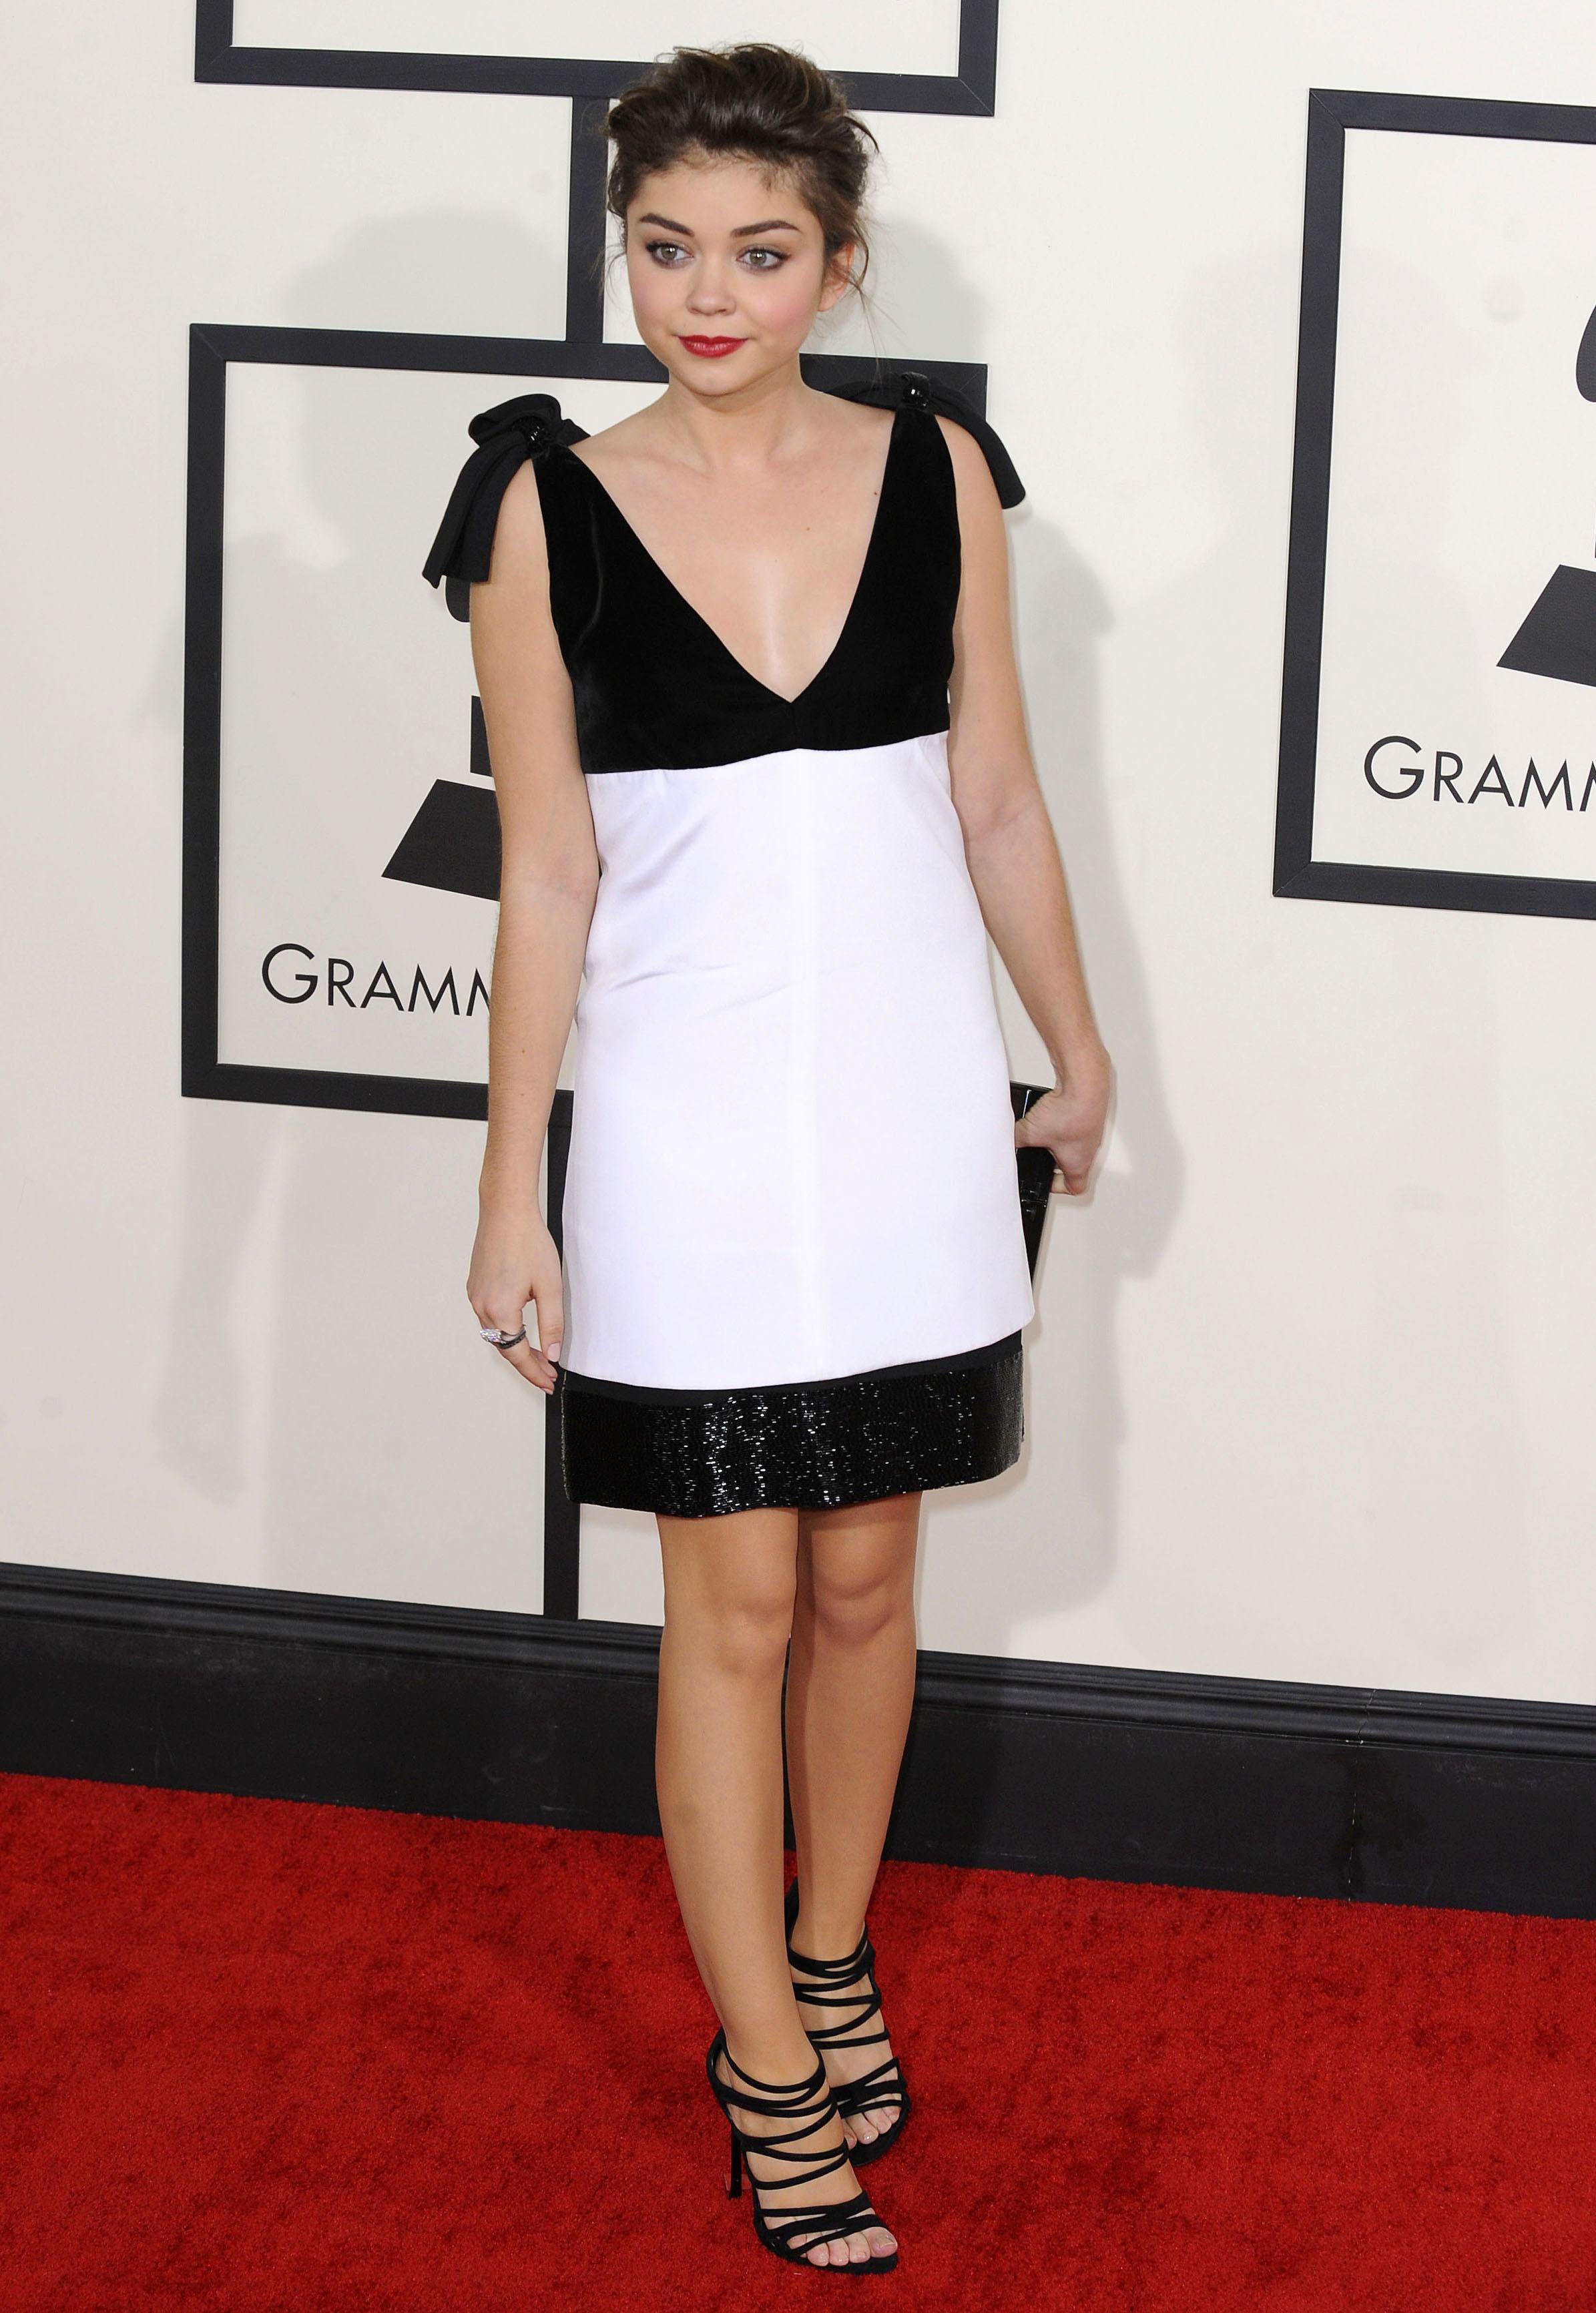 Sarah Hyland - Grammys 2014 Red Carpet